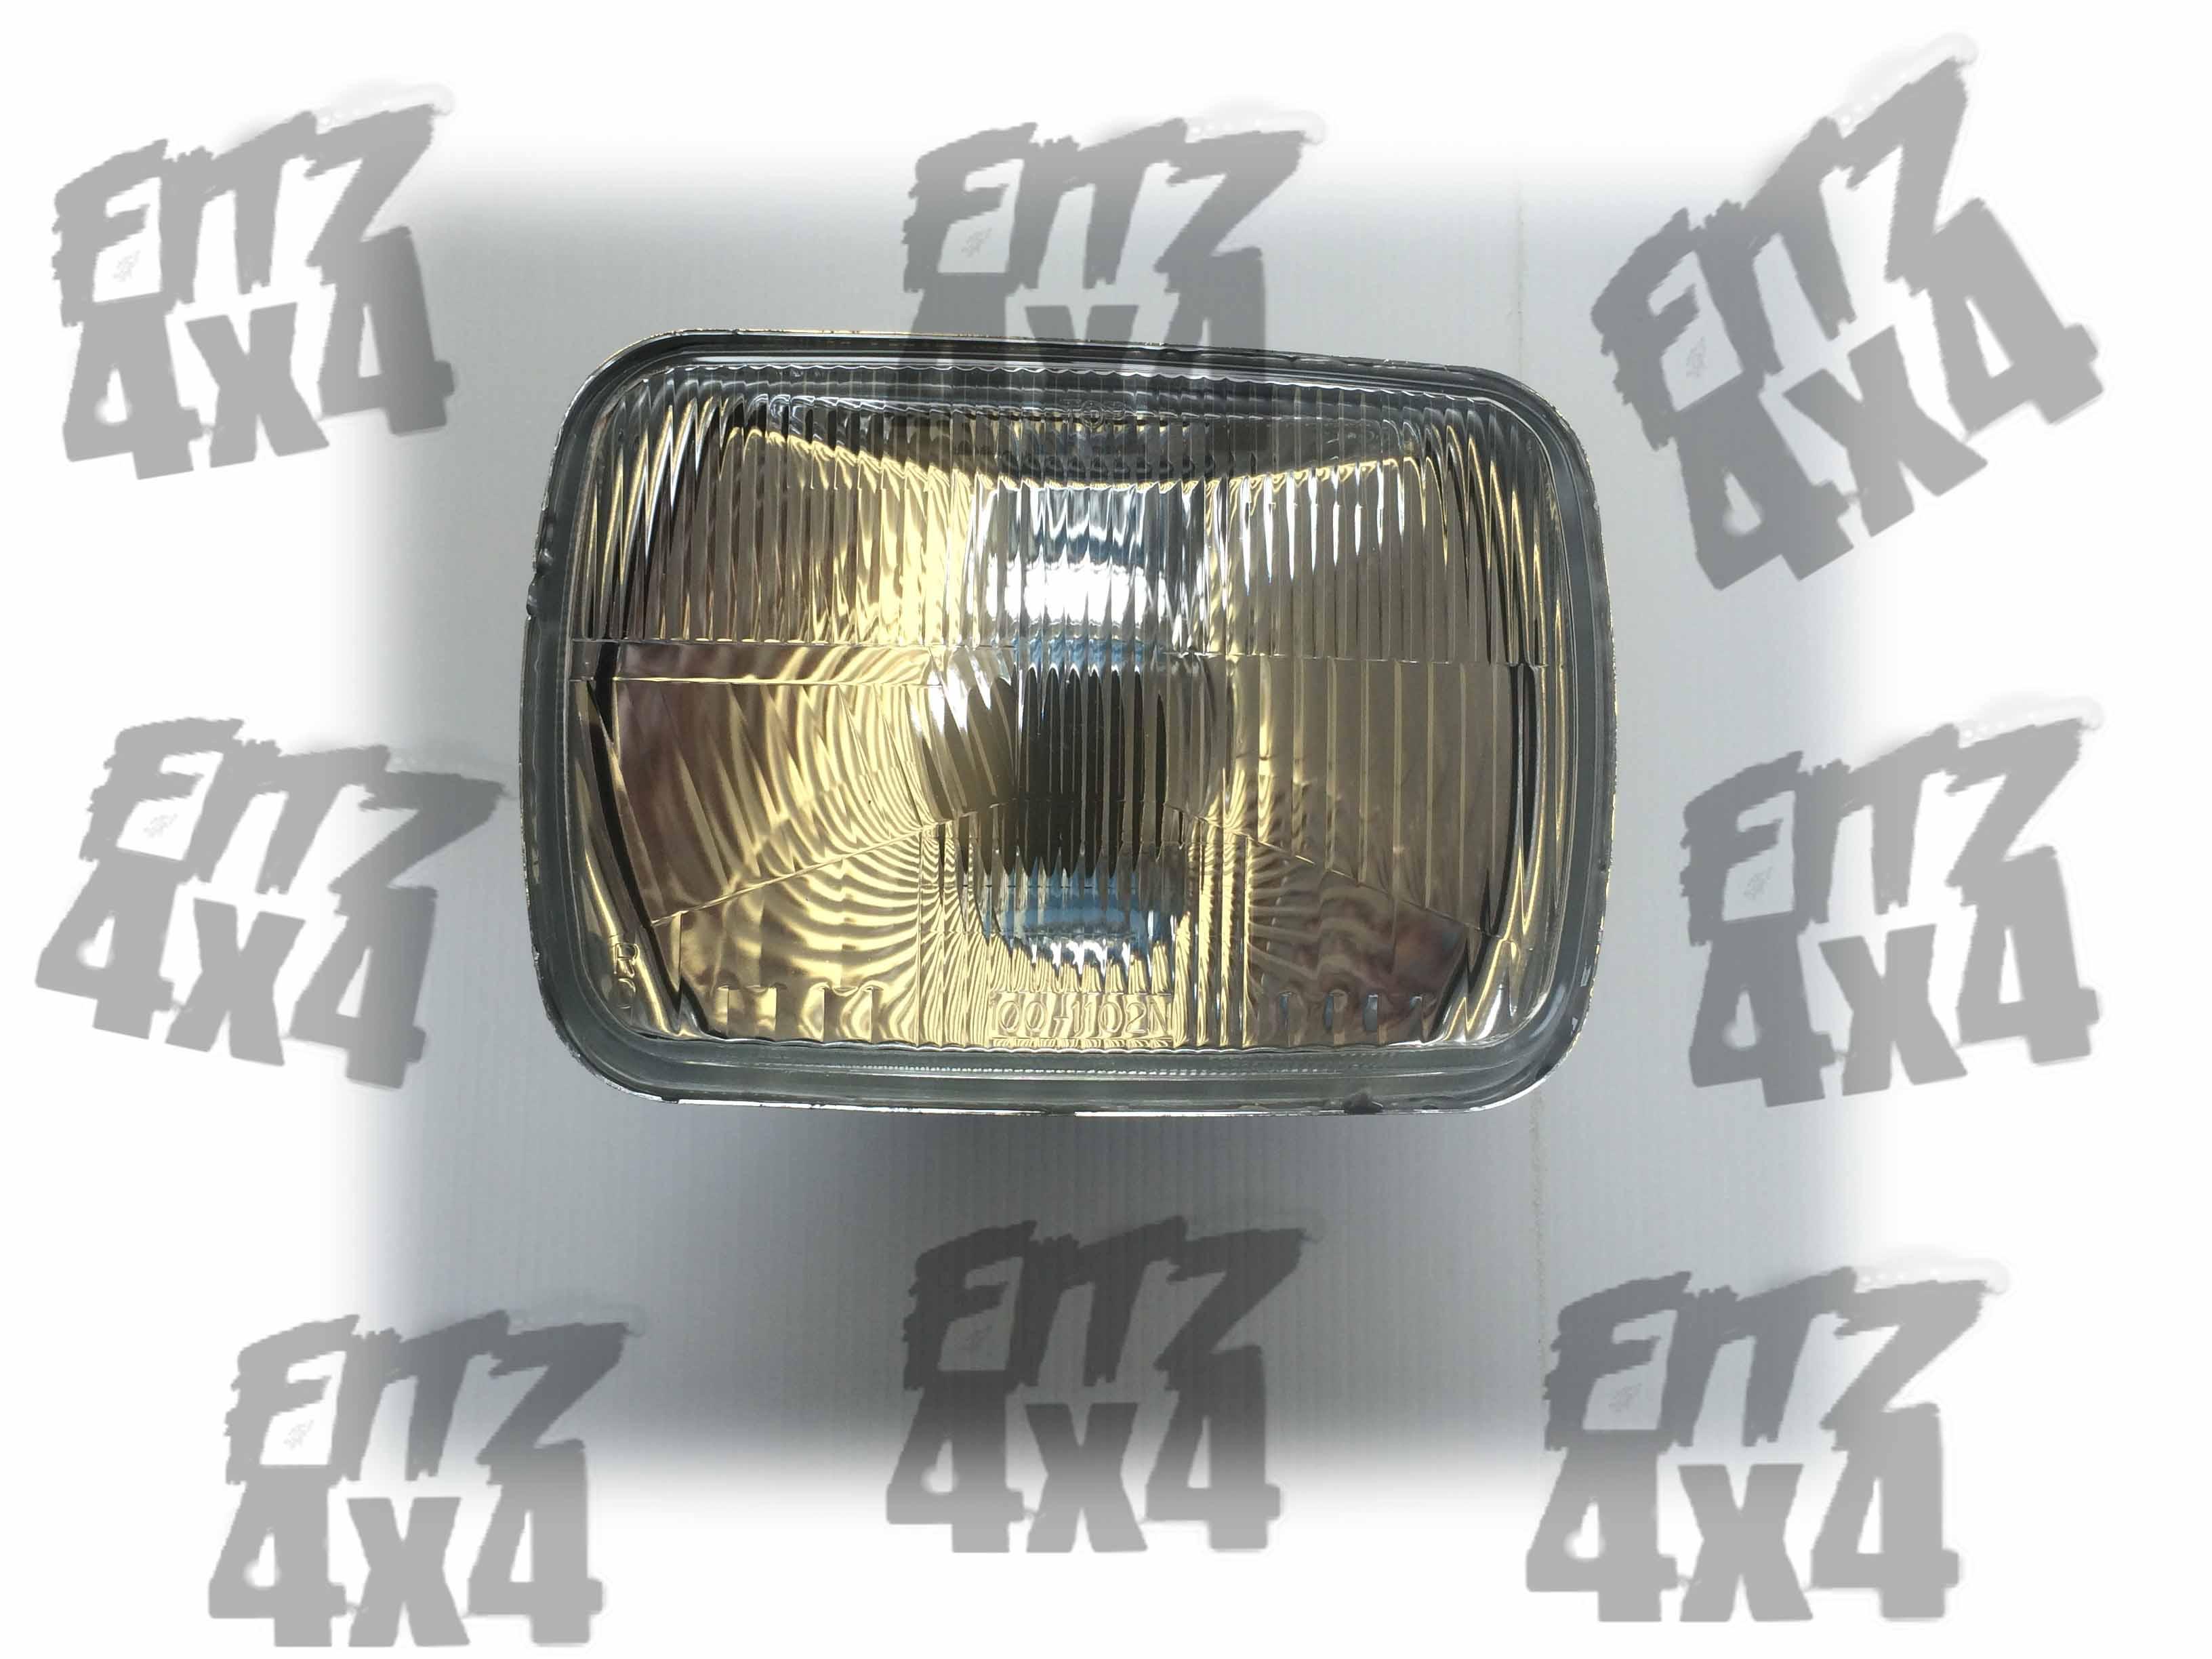 Isuzu Tfs Headlamp